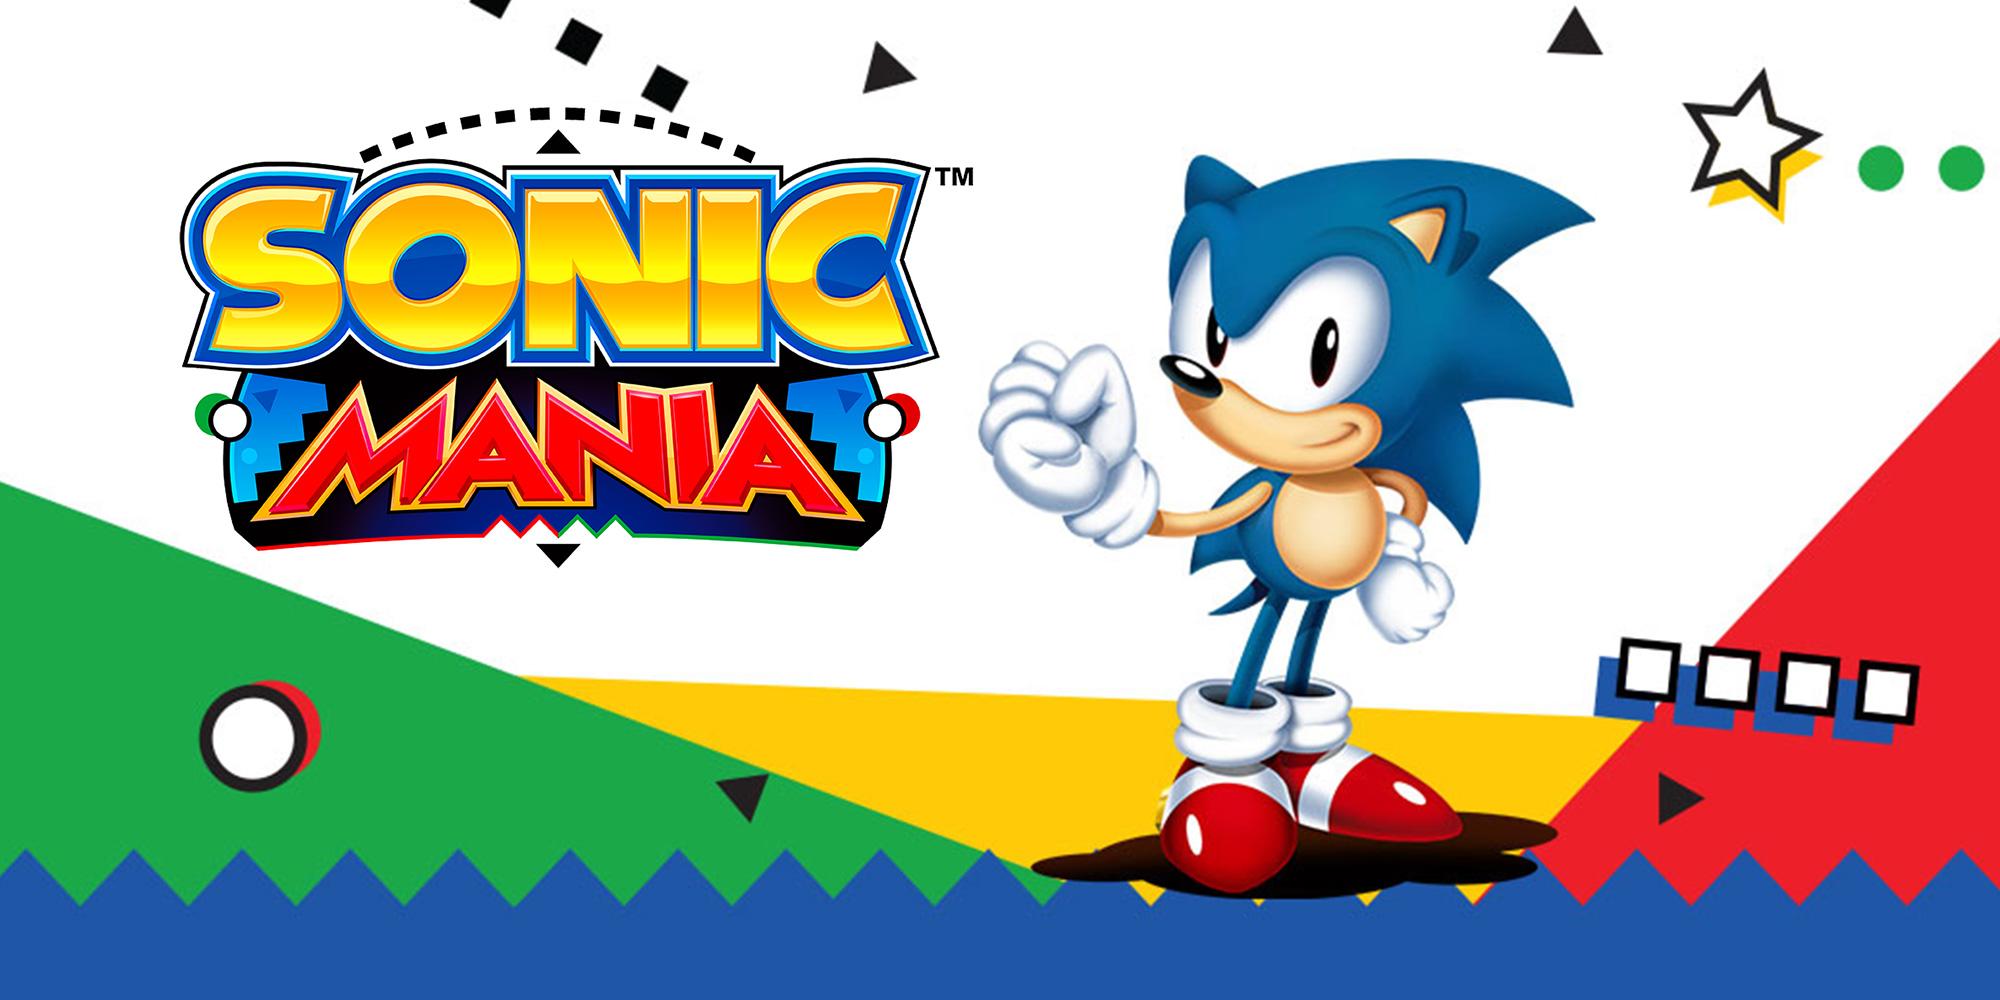 Sonic Mania Fondo De Pantalla And Fondo De Escritorio